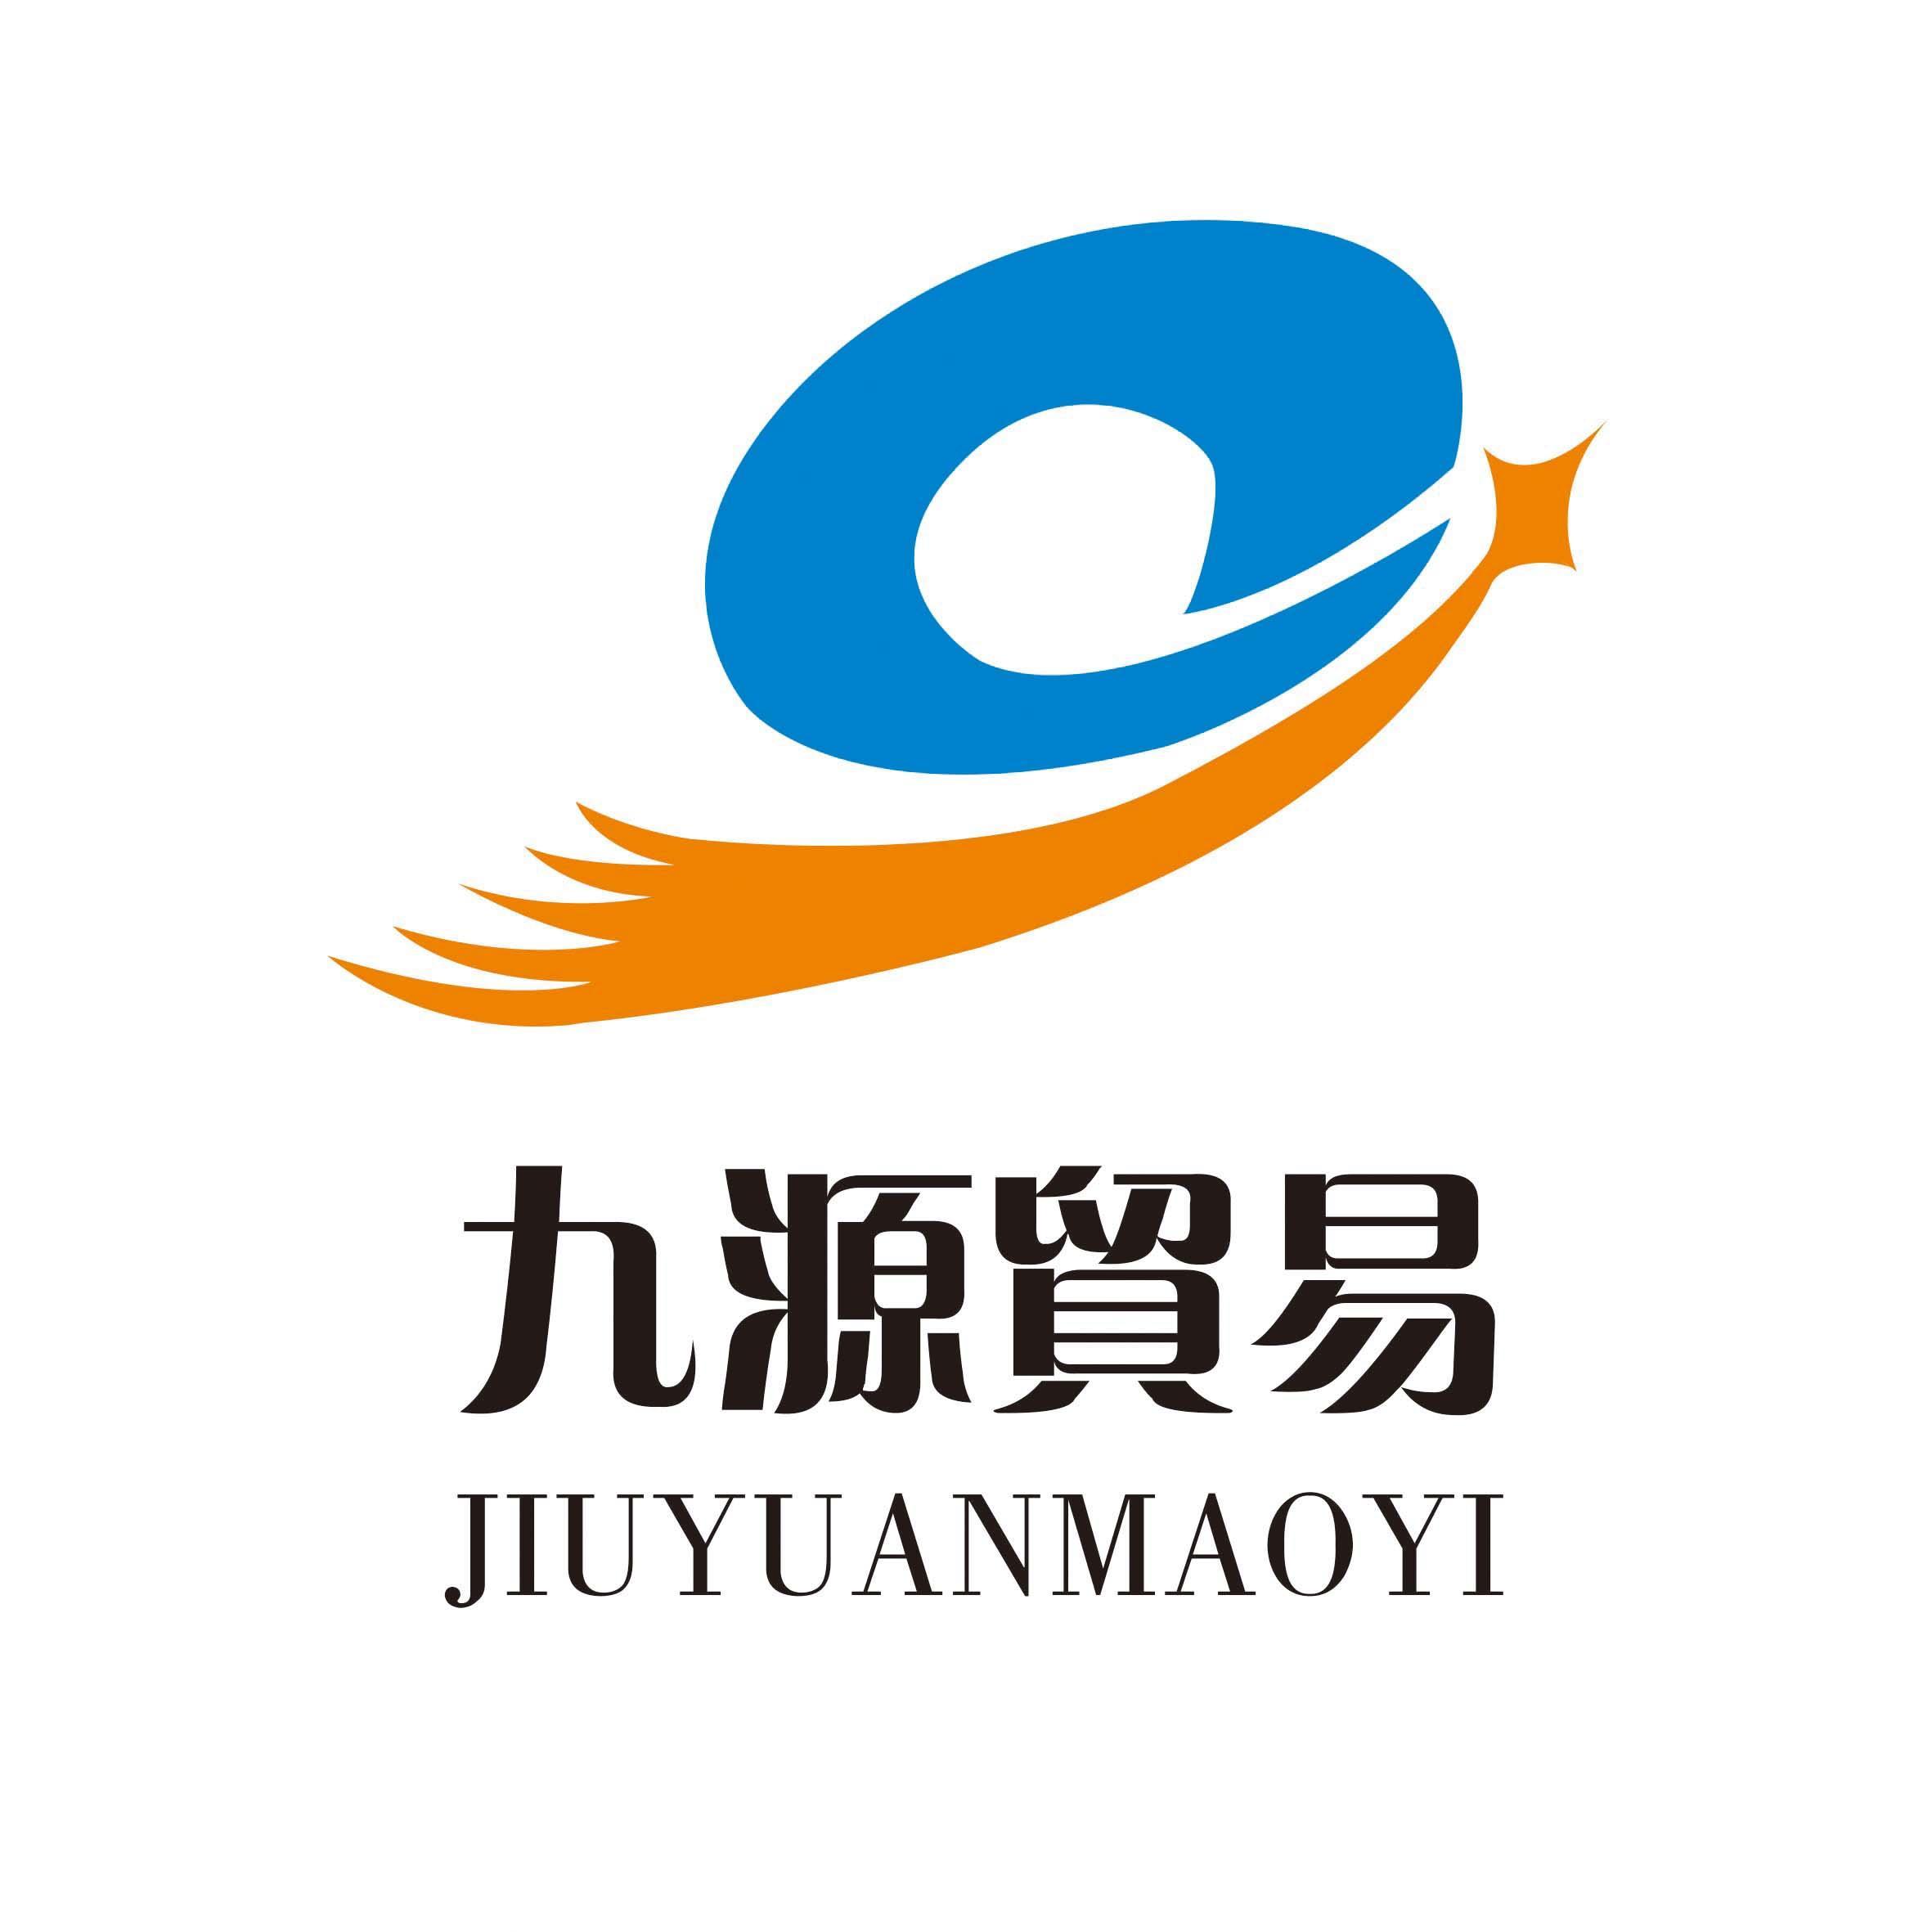 百雀羚logo设计理念